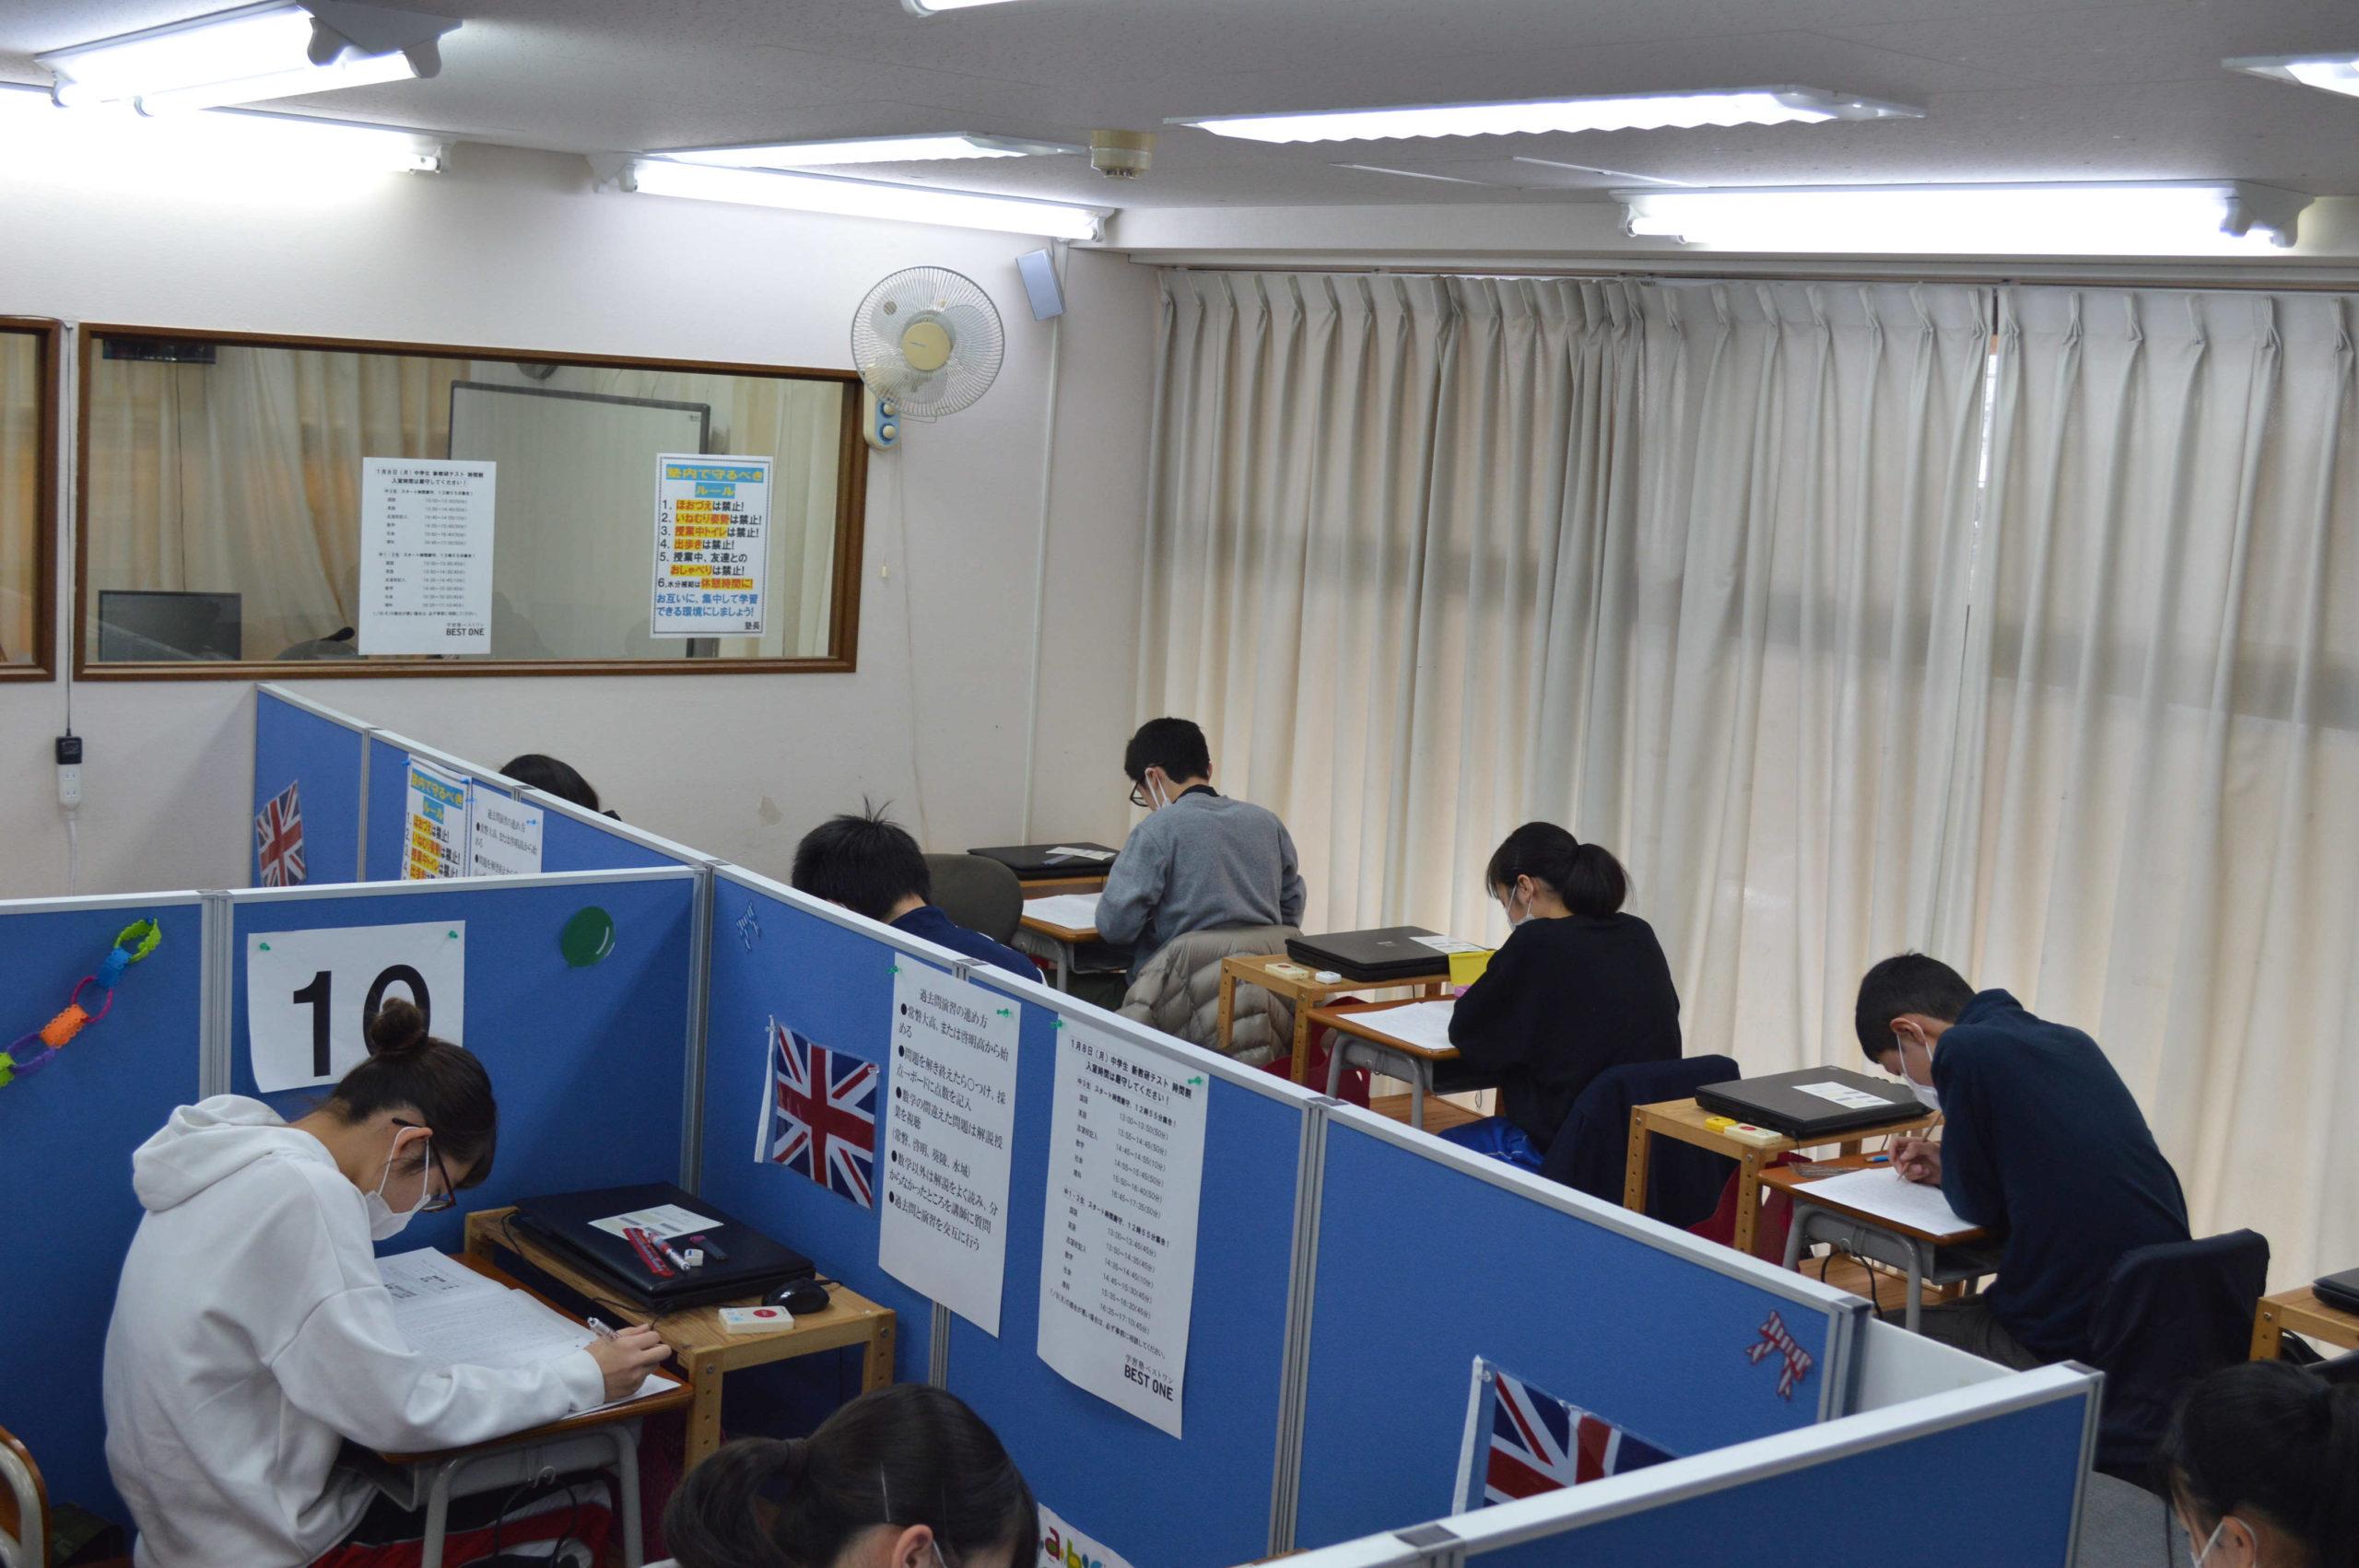 新教研テスト(1/8)page-visual 新教研テスト(1/8)ビジュアル